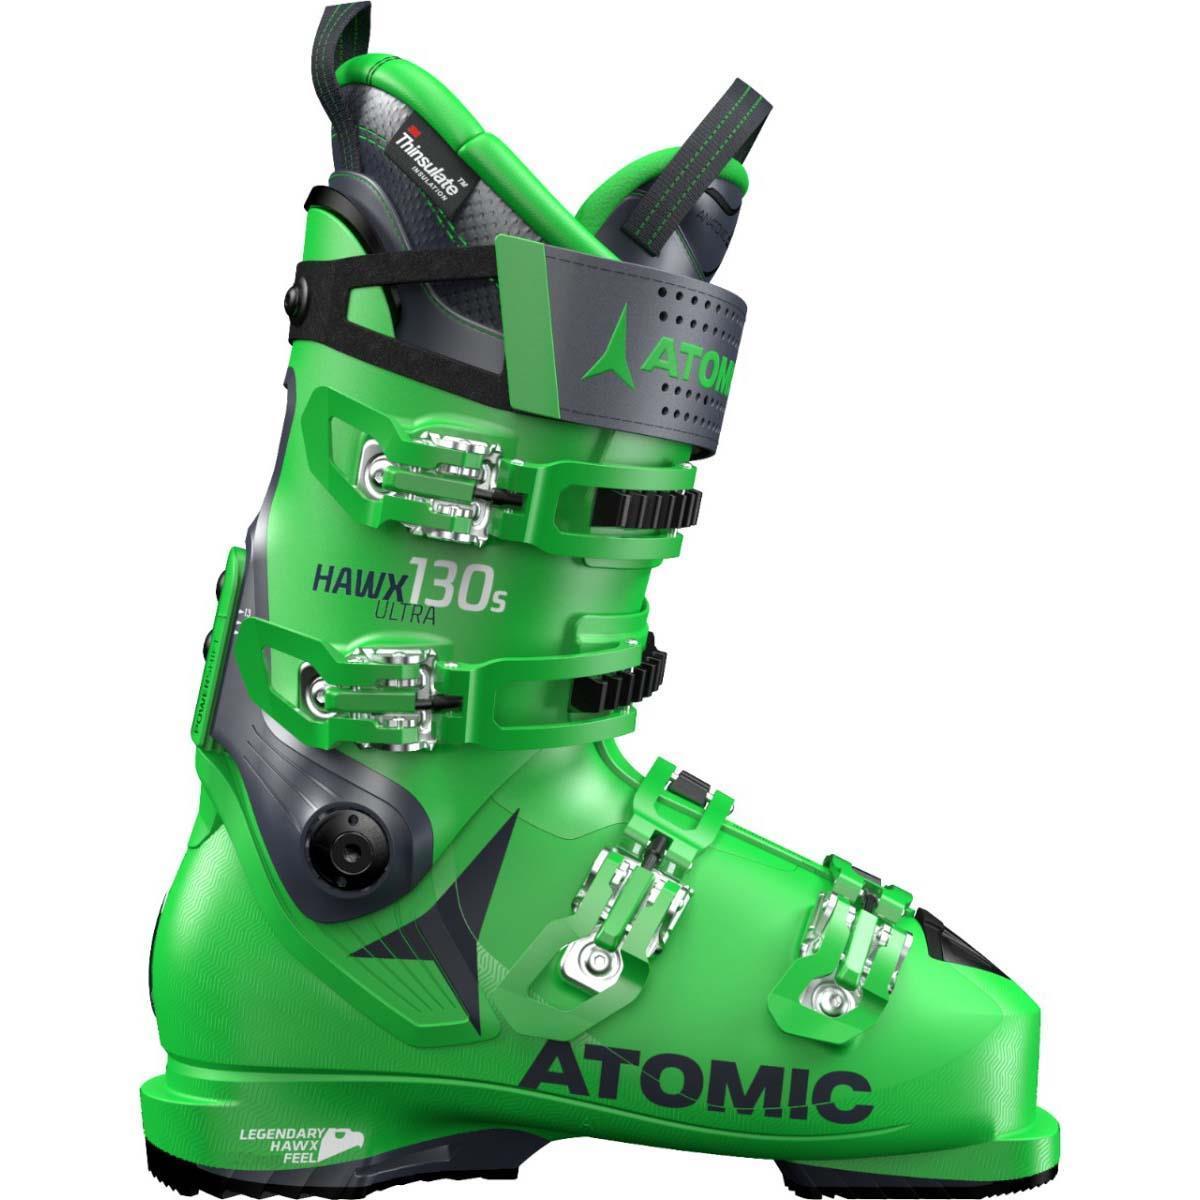 Atomic Hawx Ultra 130 S Ski Boots - Men